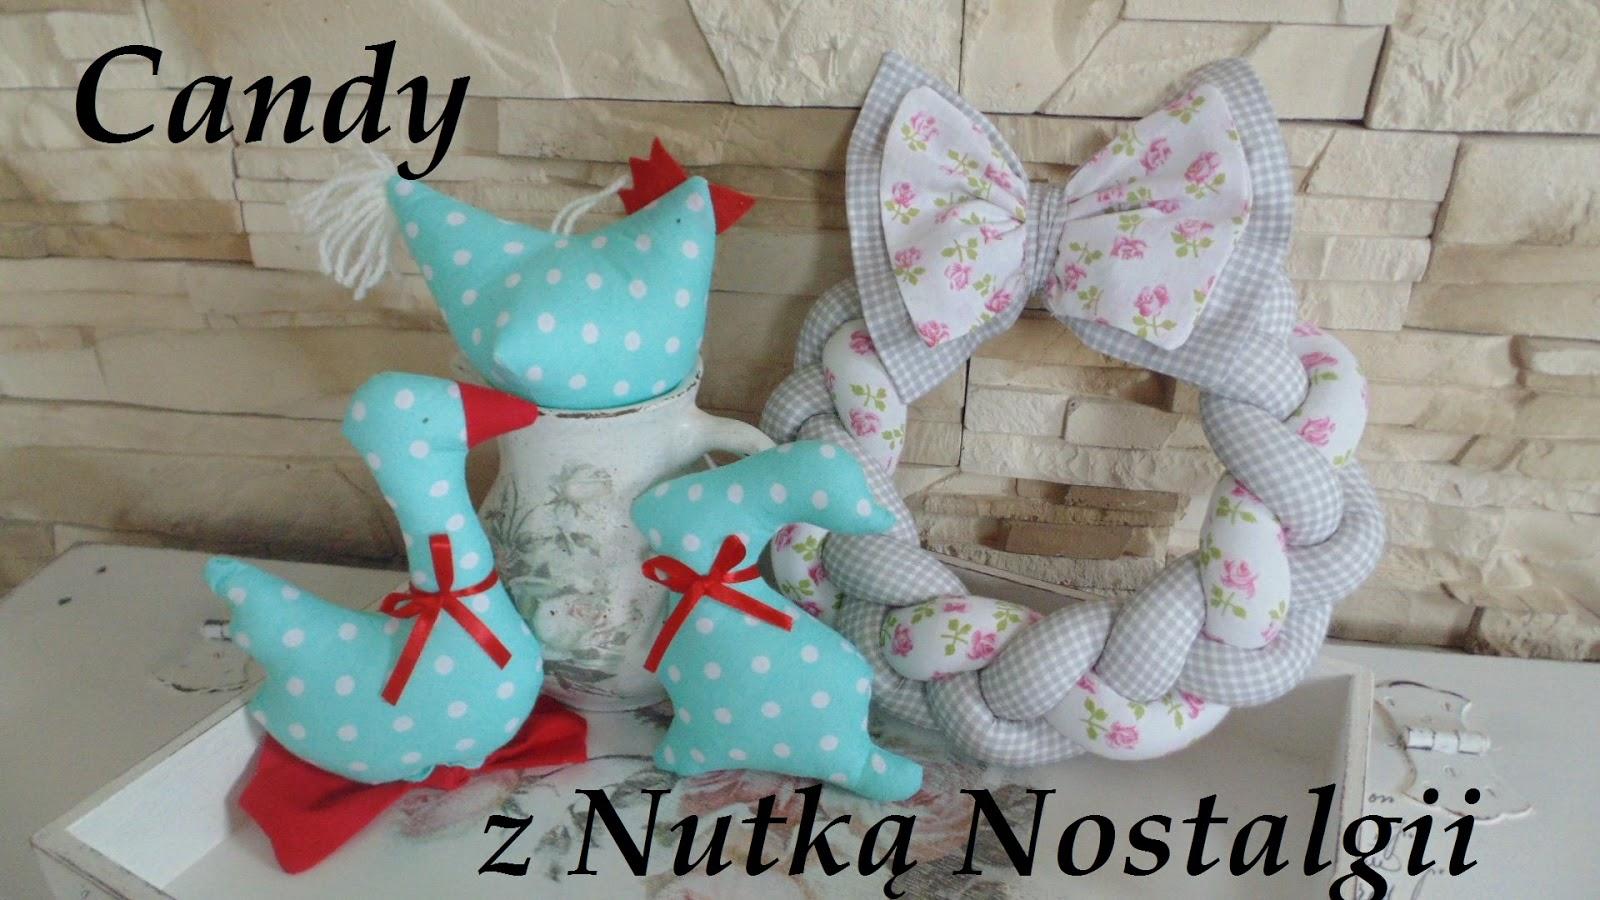 Candy z Nutka Nostalgii